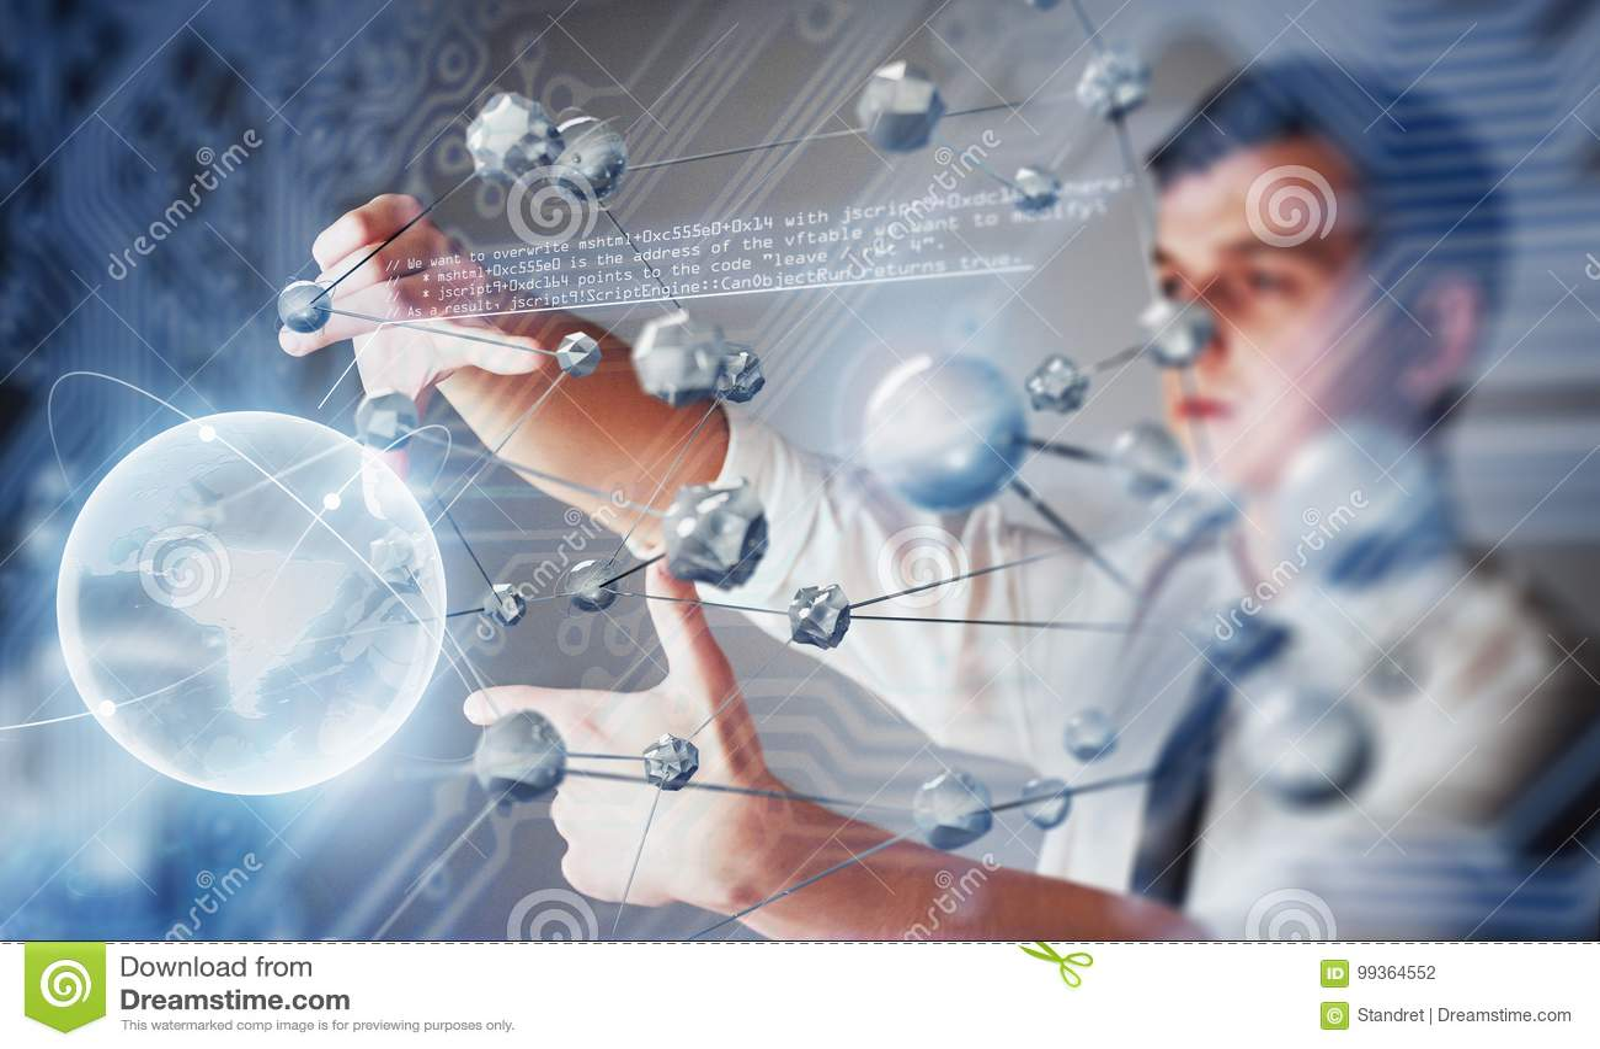 Новаторские технологии в науке и медицине Технология, который нужно соединиться Держать накаляя землю планеты